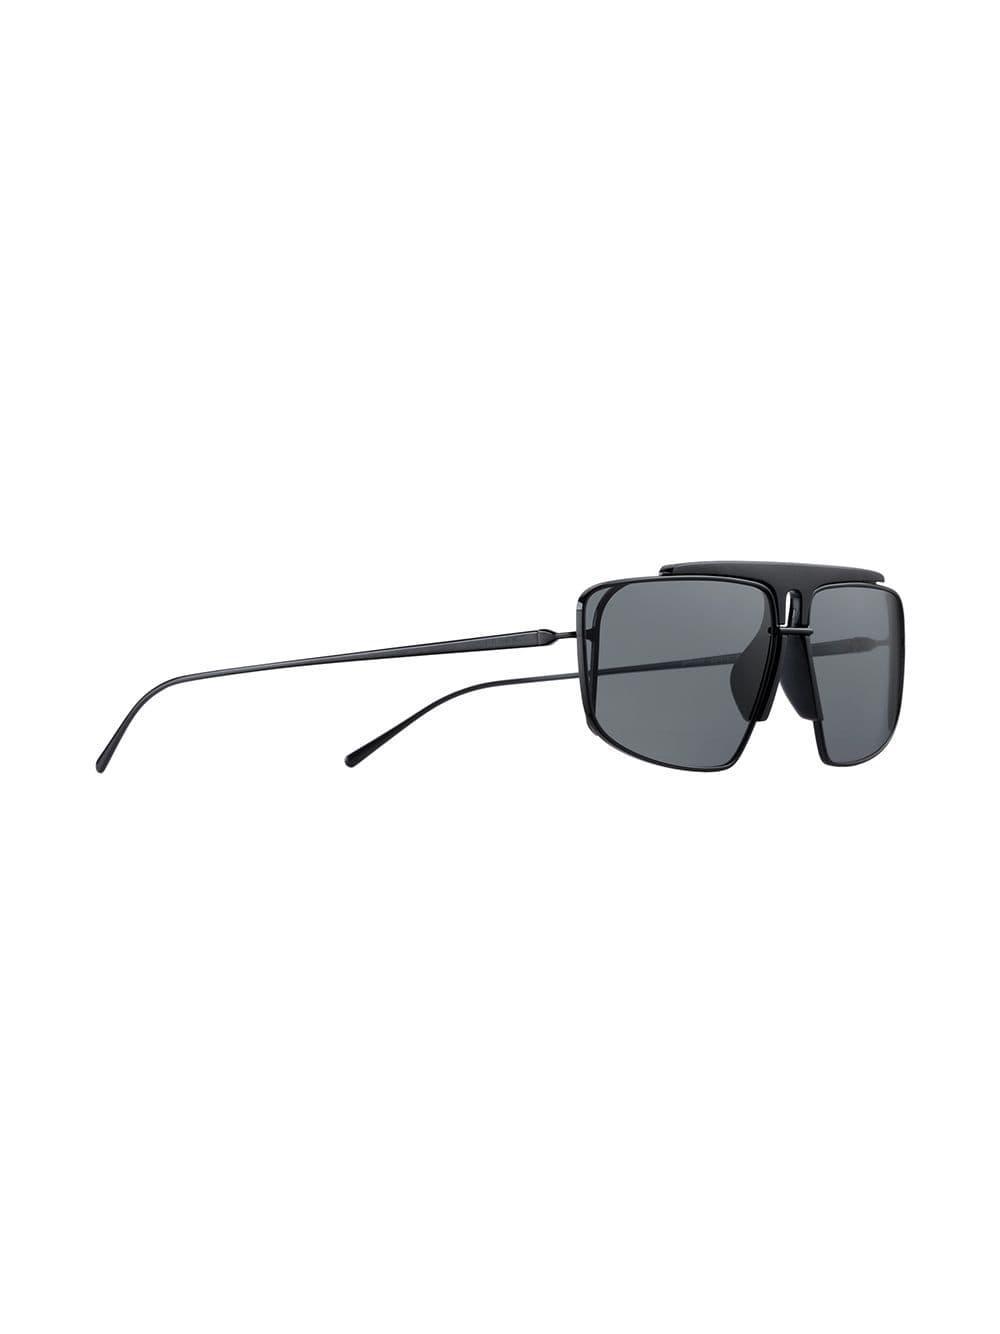 518119c0e41 Prada Prada Runway Eyewear Sunglasses in Black for Men - Lyst